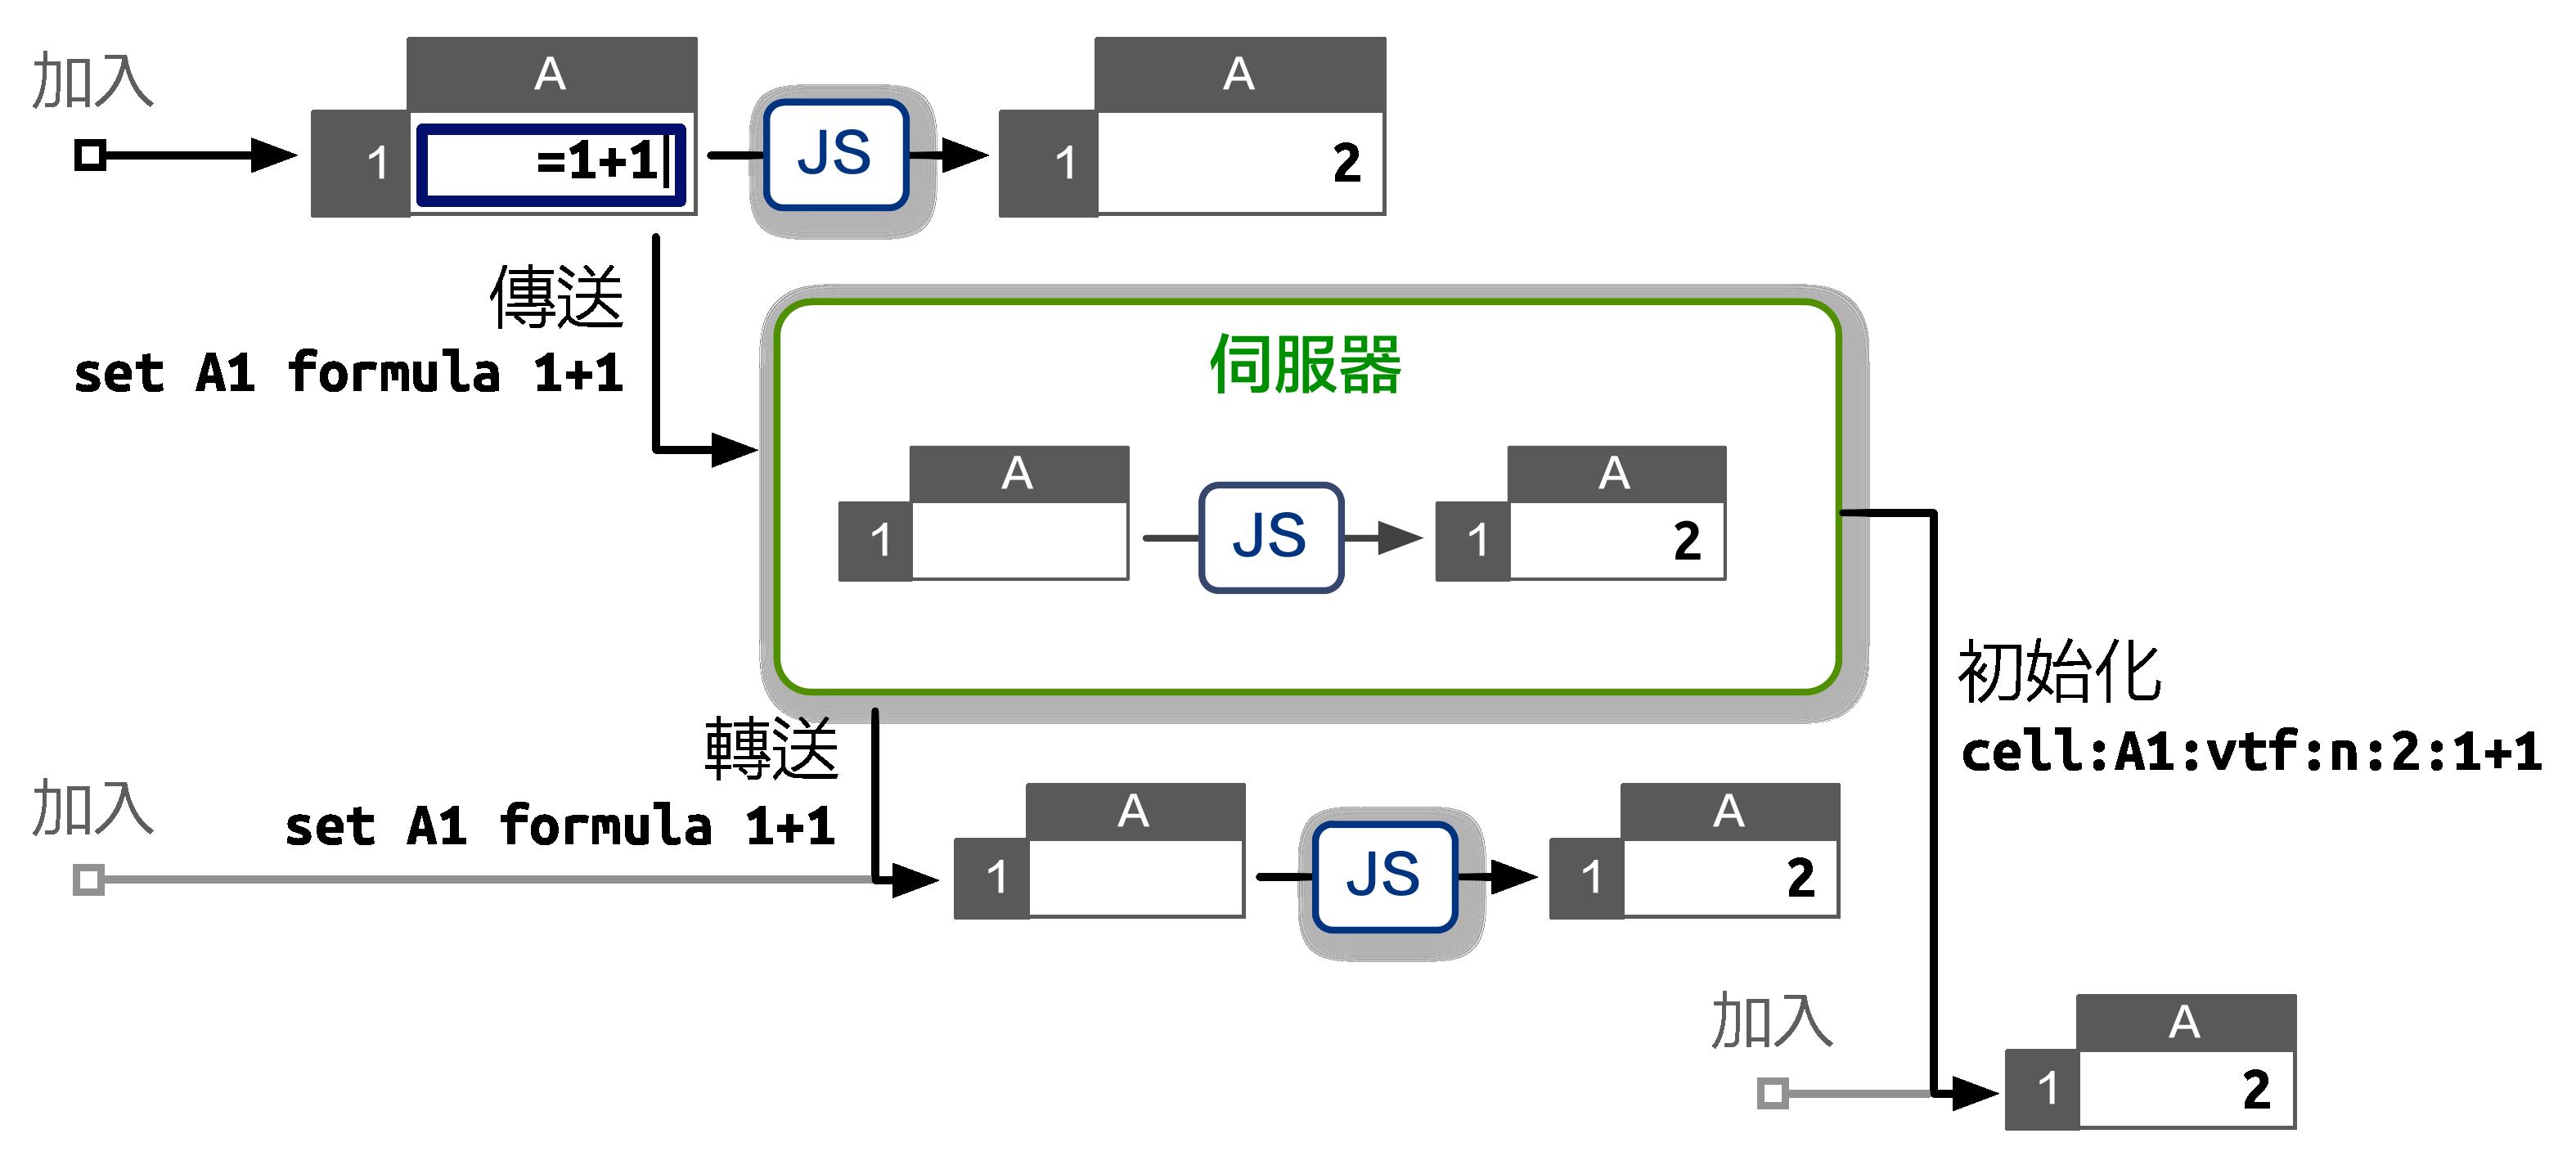 將試算表狀態存放於 Node.js 伺服器上